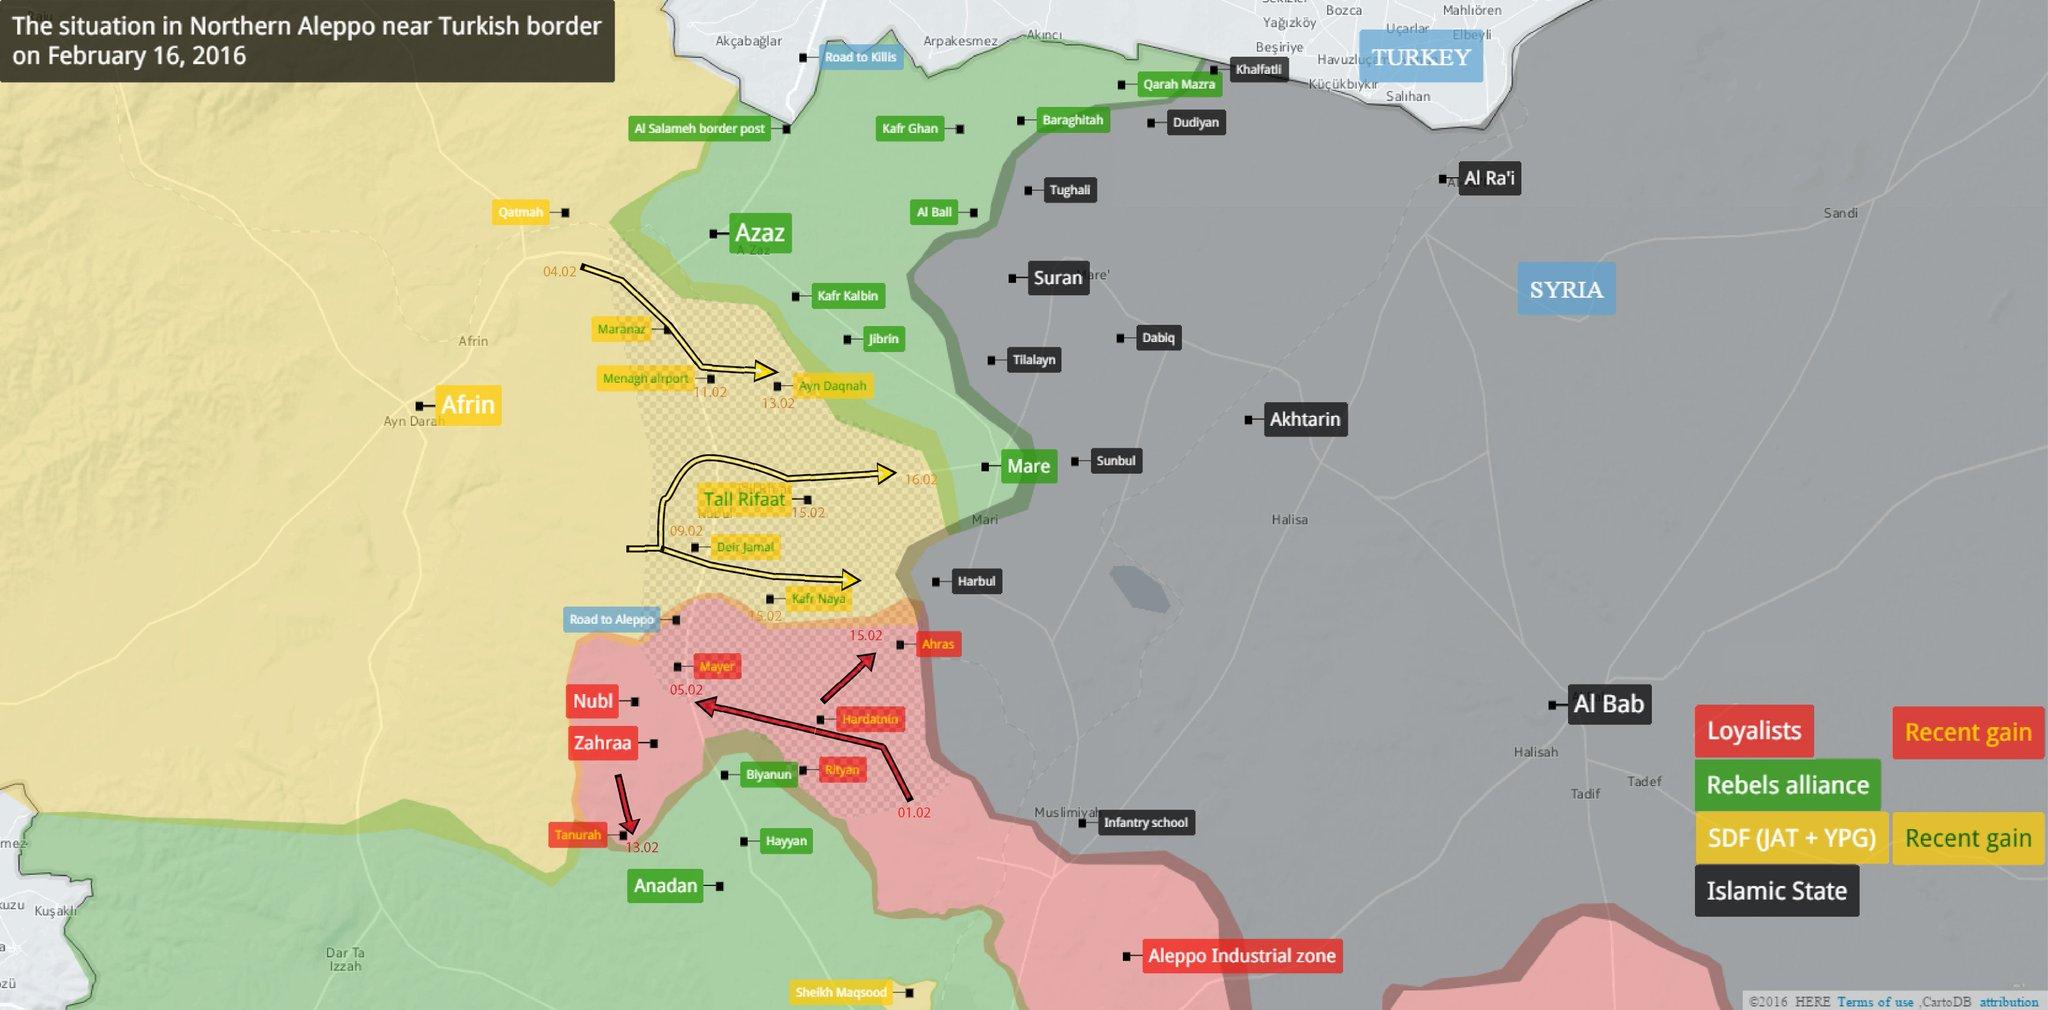 Сводка боёв в Сирии и теракты в Турции